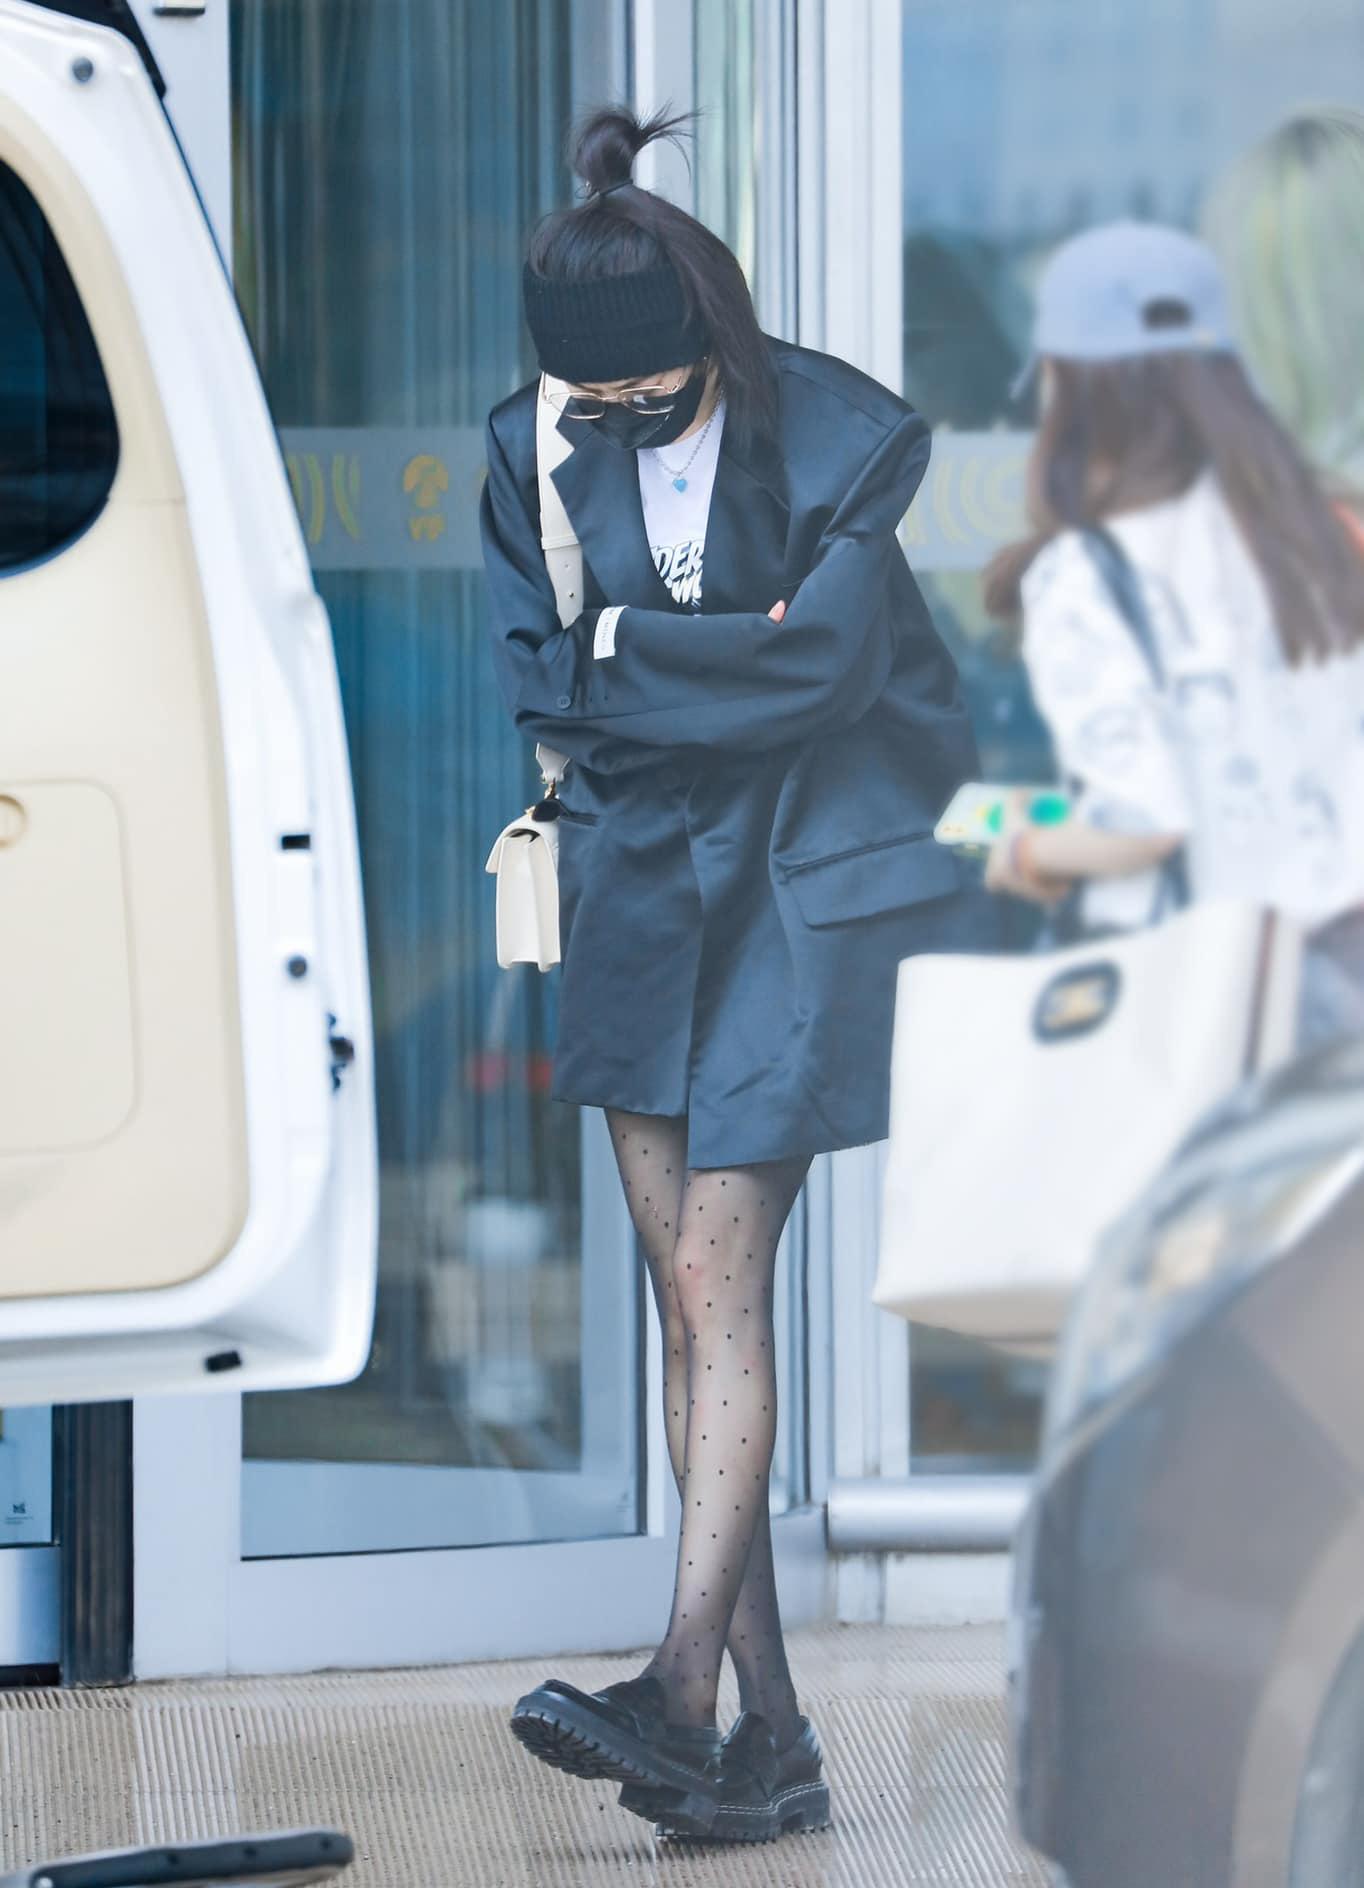 Có đôi chân thon, người đẹp thường xuyên diện váy ngắn hoặc thời trang giấu quần.